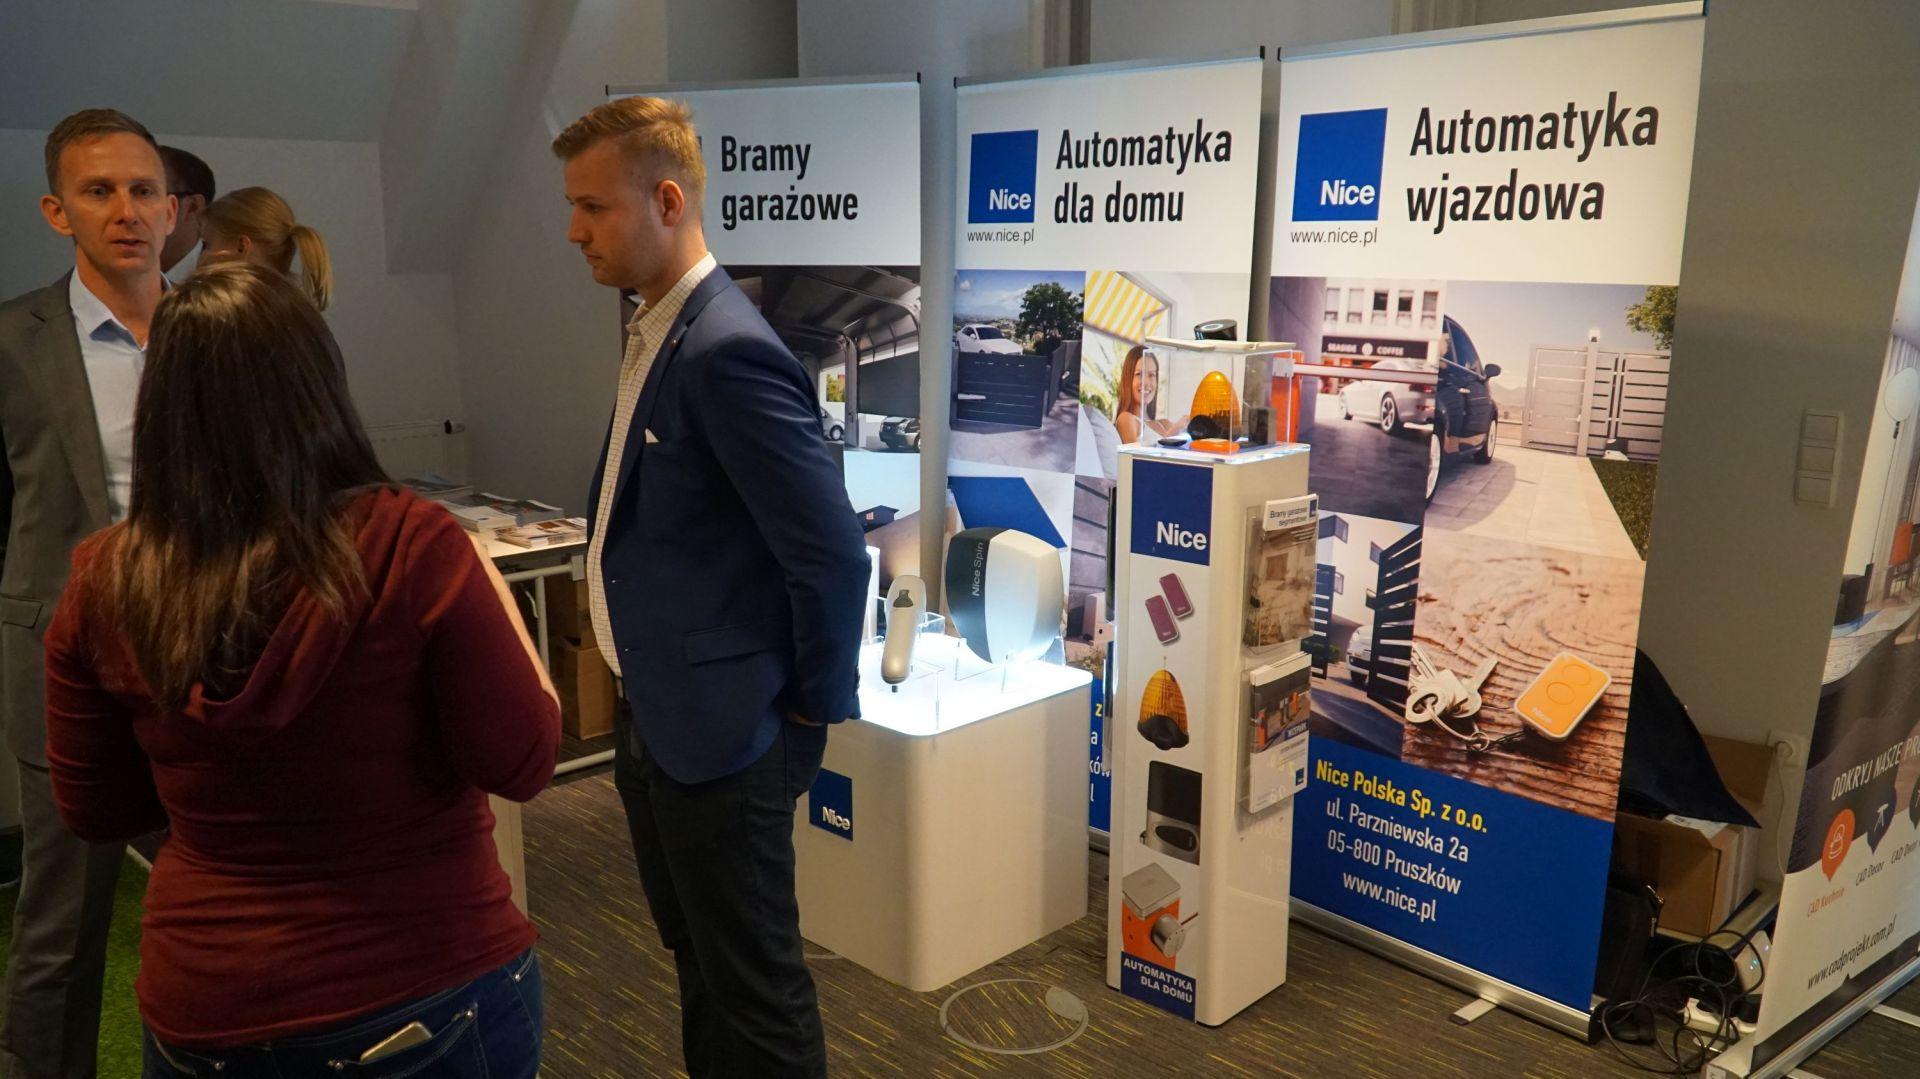 Studio Dobrych Rozwiązań w Warszawie 26 września 2018. Stoisko firmy Nice